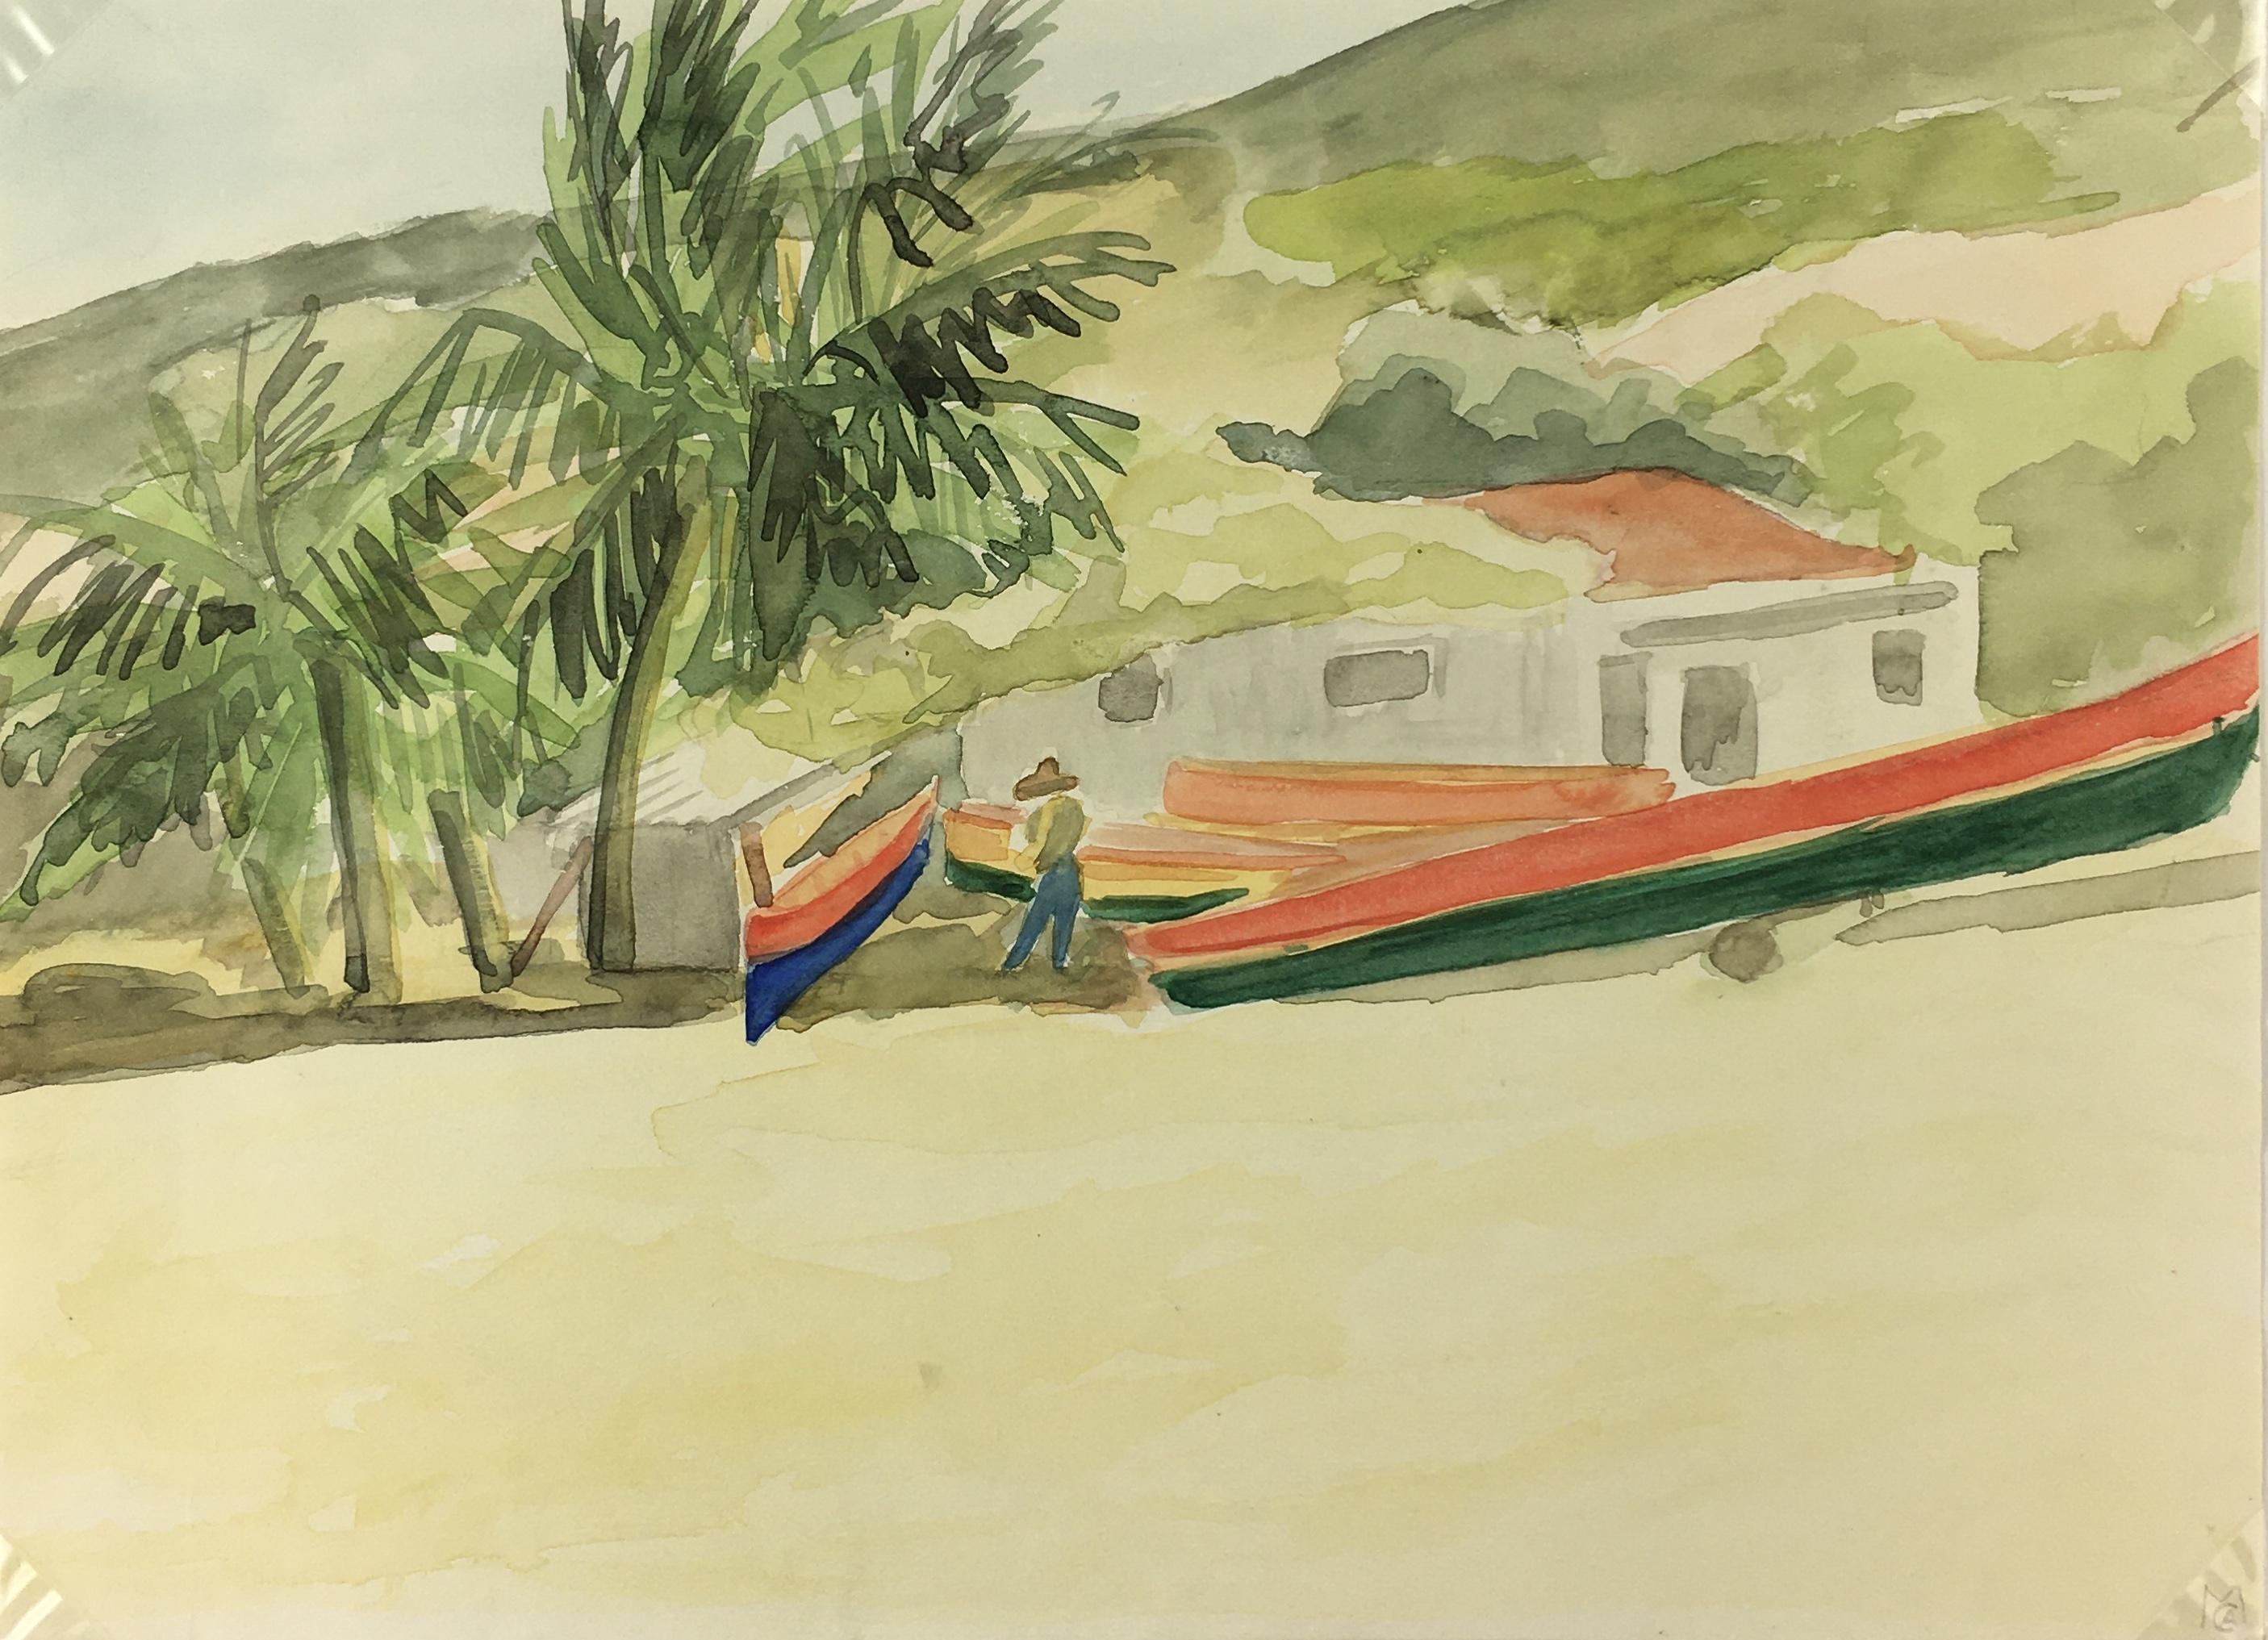 Beach Original Art - Carribean Shore, M.C.A, 1990